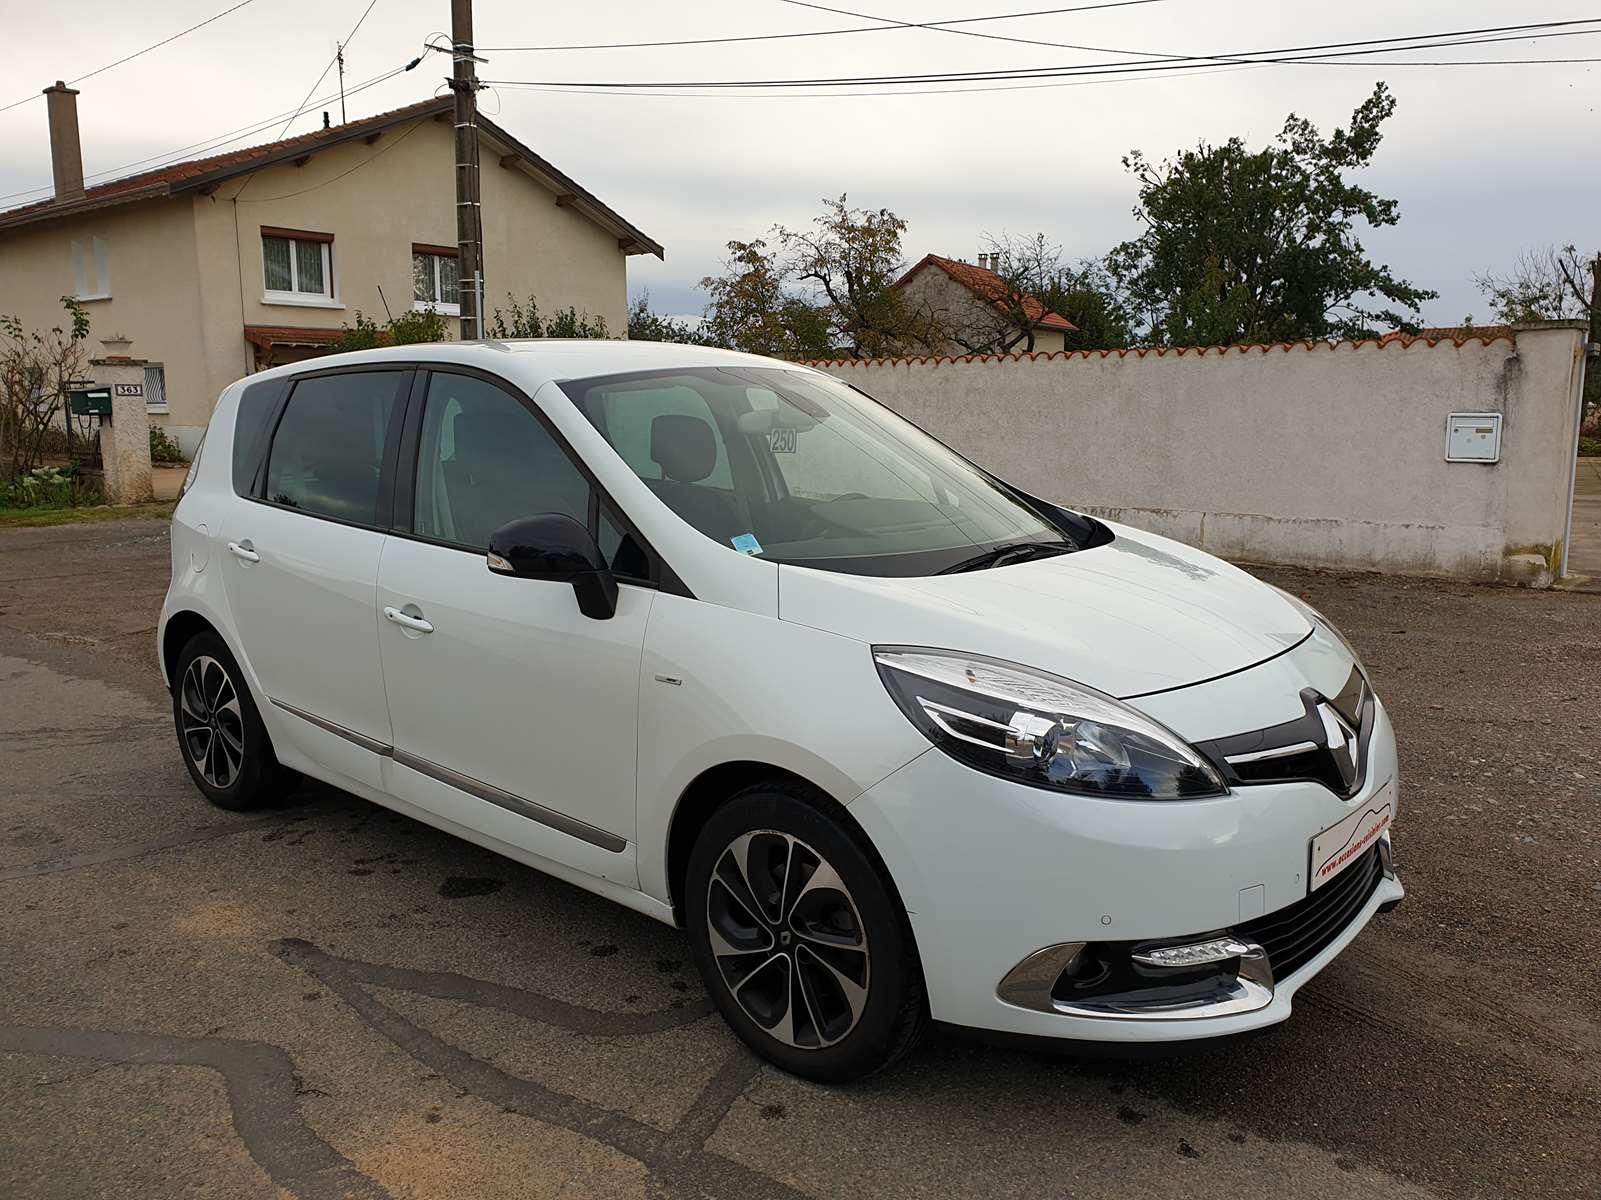 Renault Scenic Iii Dci 130 Energy Bose Edition